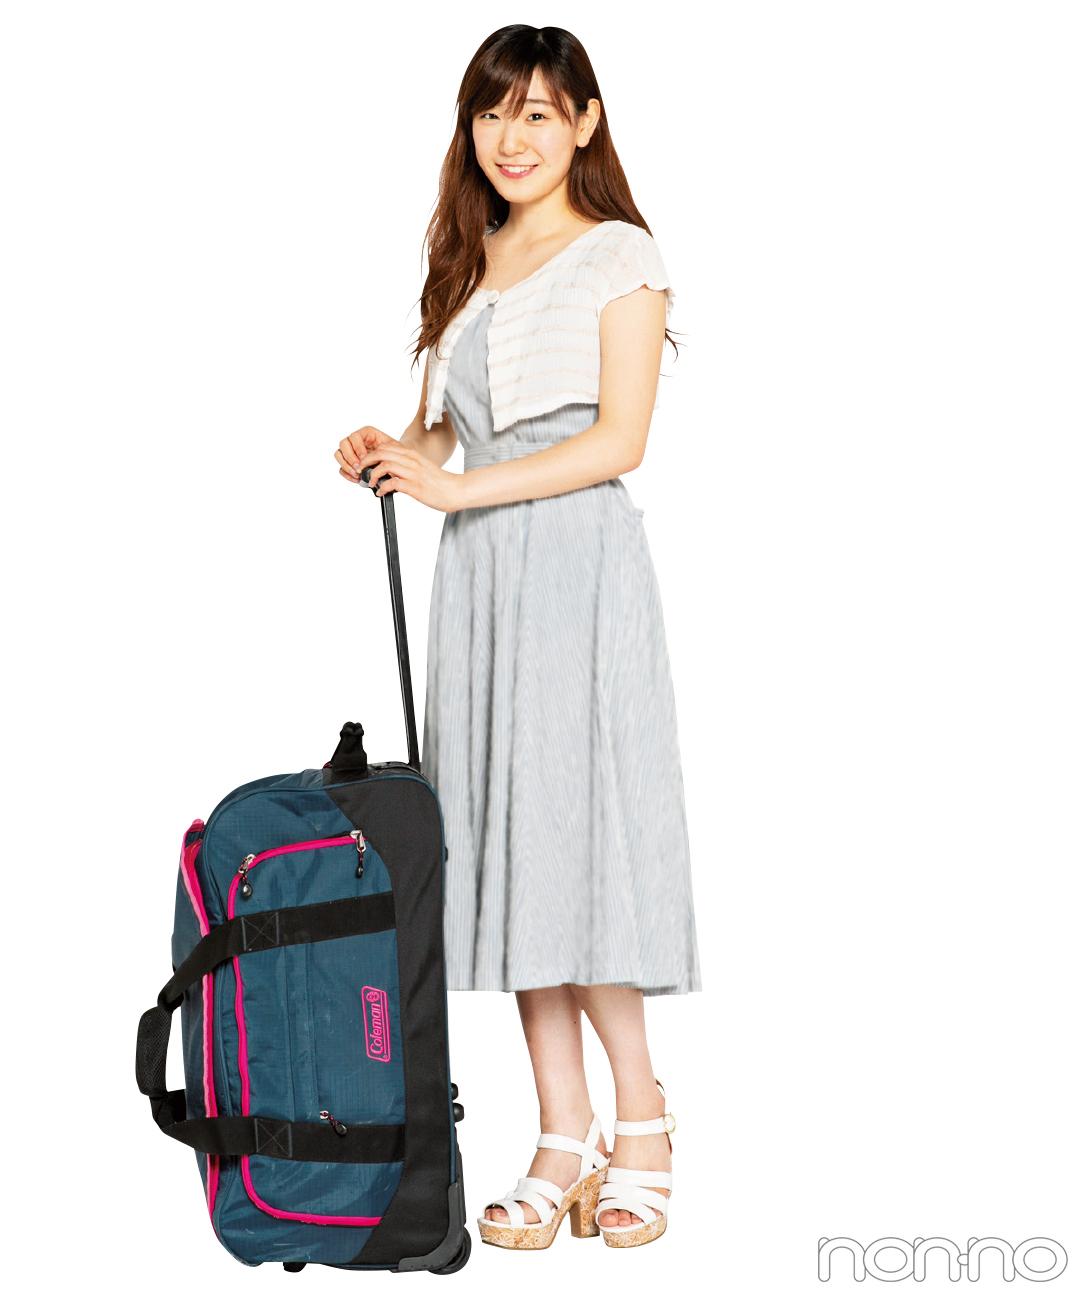 ノンノ専属読モ・カワイイ選抜の夏合宿のパッキングの極意☆_1_2